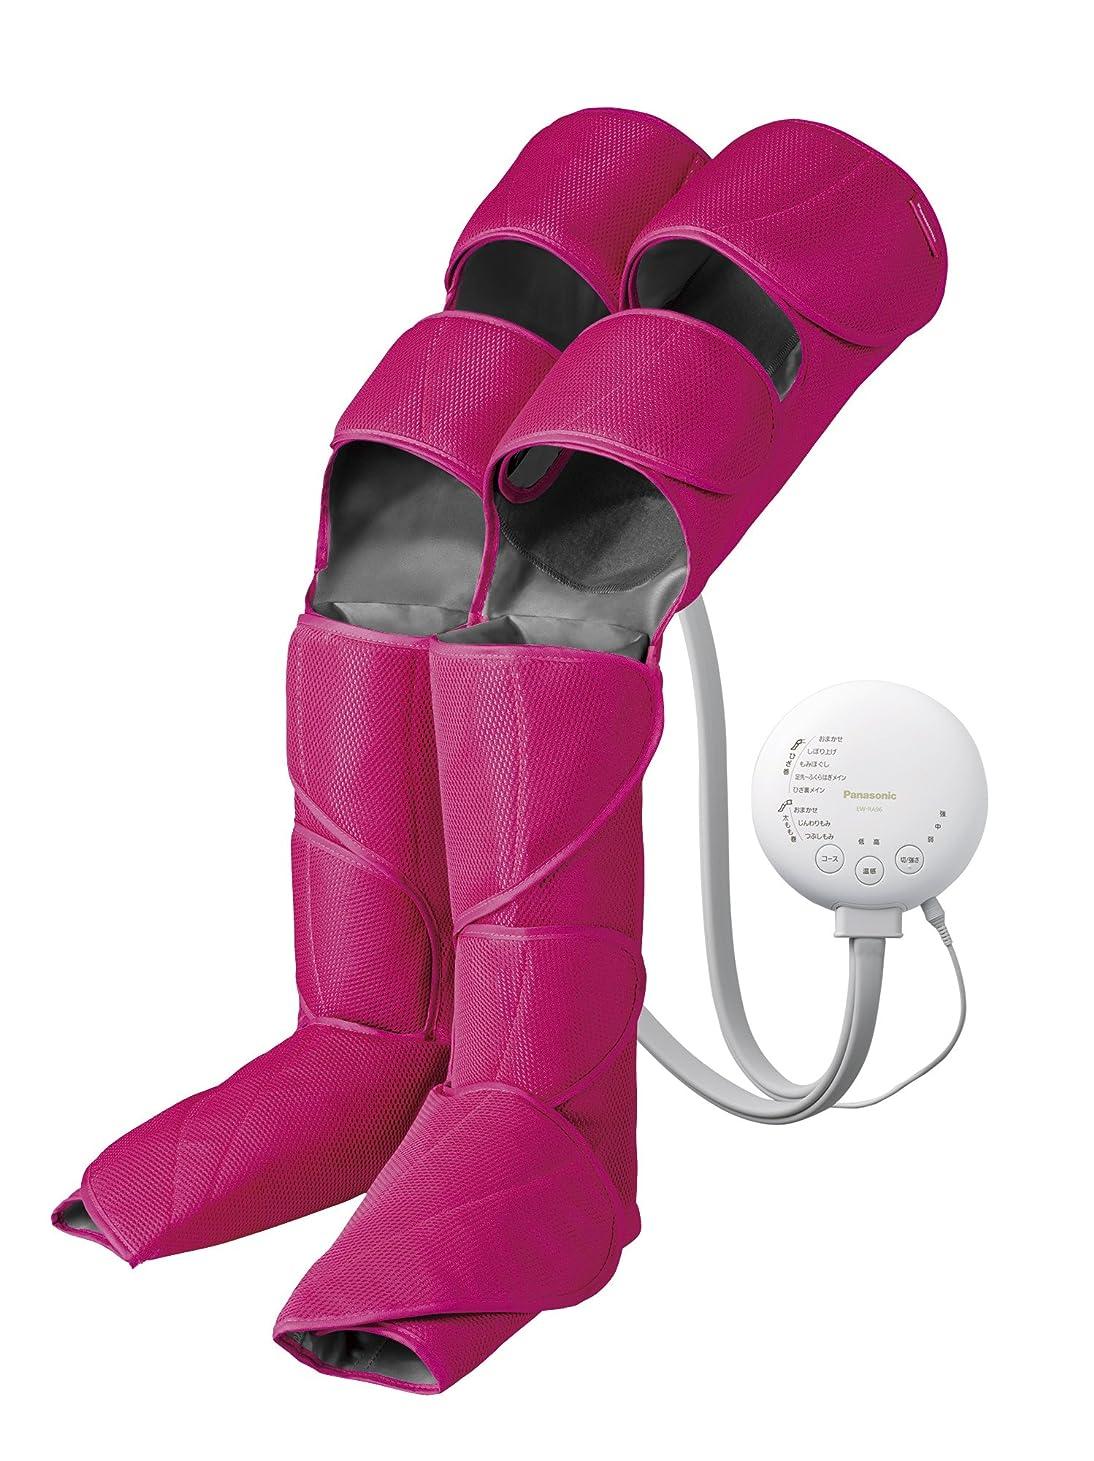 簡潔な上がる起こるパナソニック エアーマッサージャー レッグリフレ ひざ/太もも巻き対応 温感機能搭載 ピンク EW-RA96-P